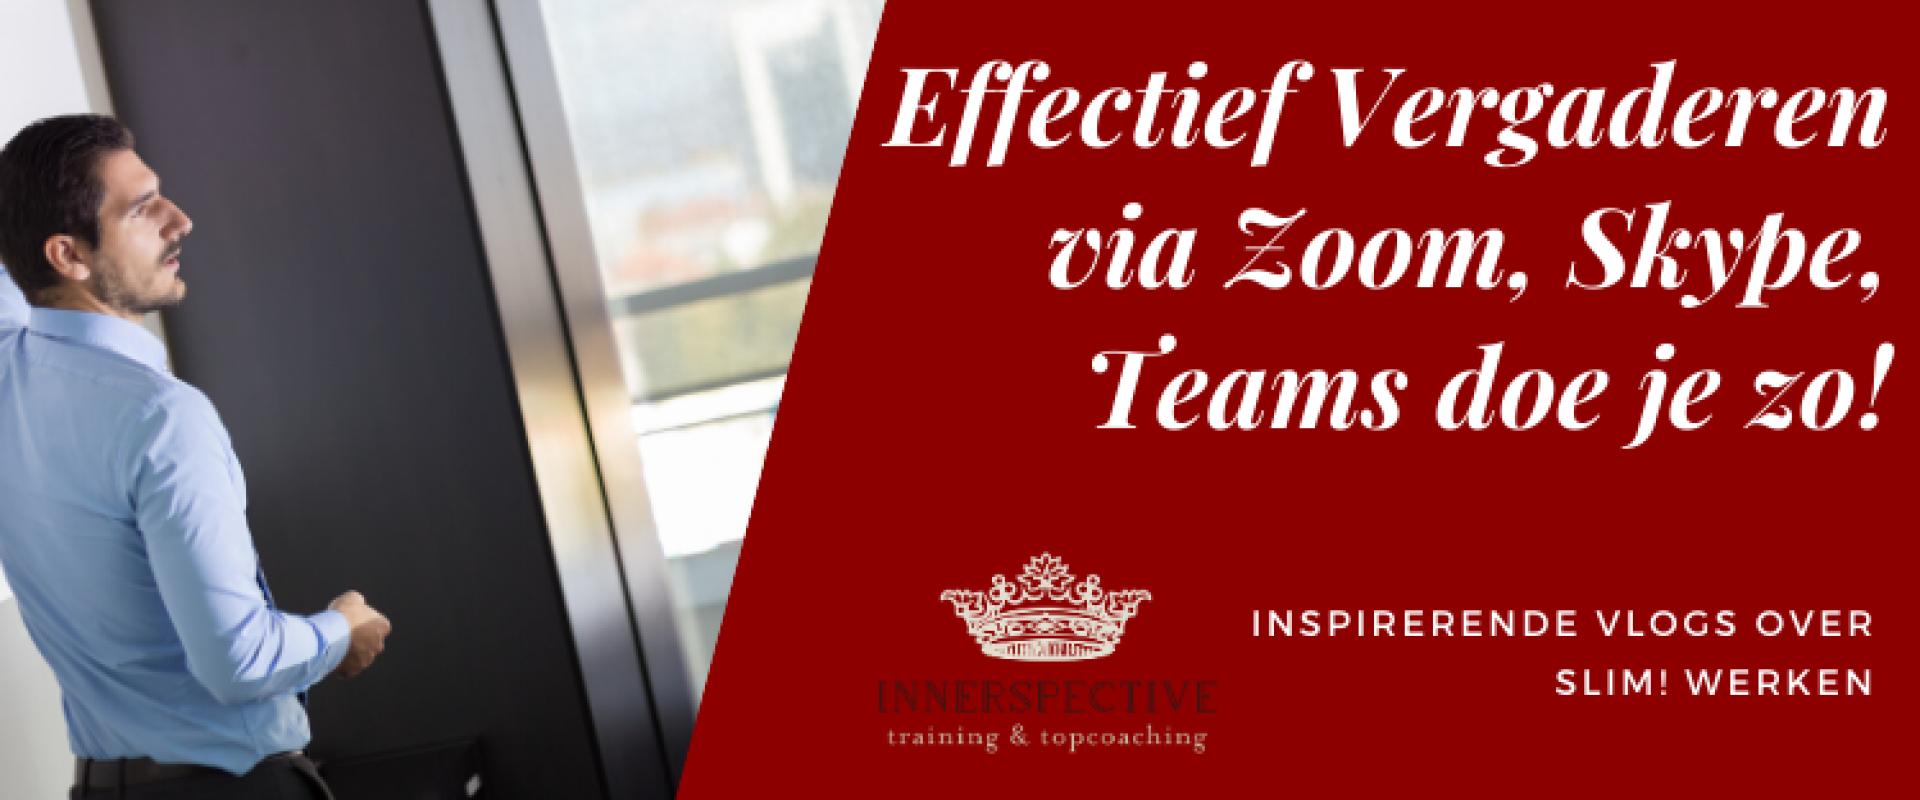 Effectief vergaderen l Tips voor vergaderen via zoom, skype en teams